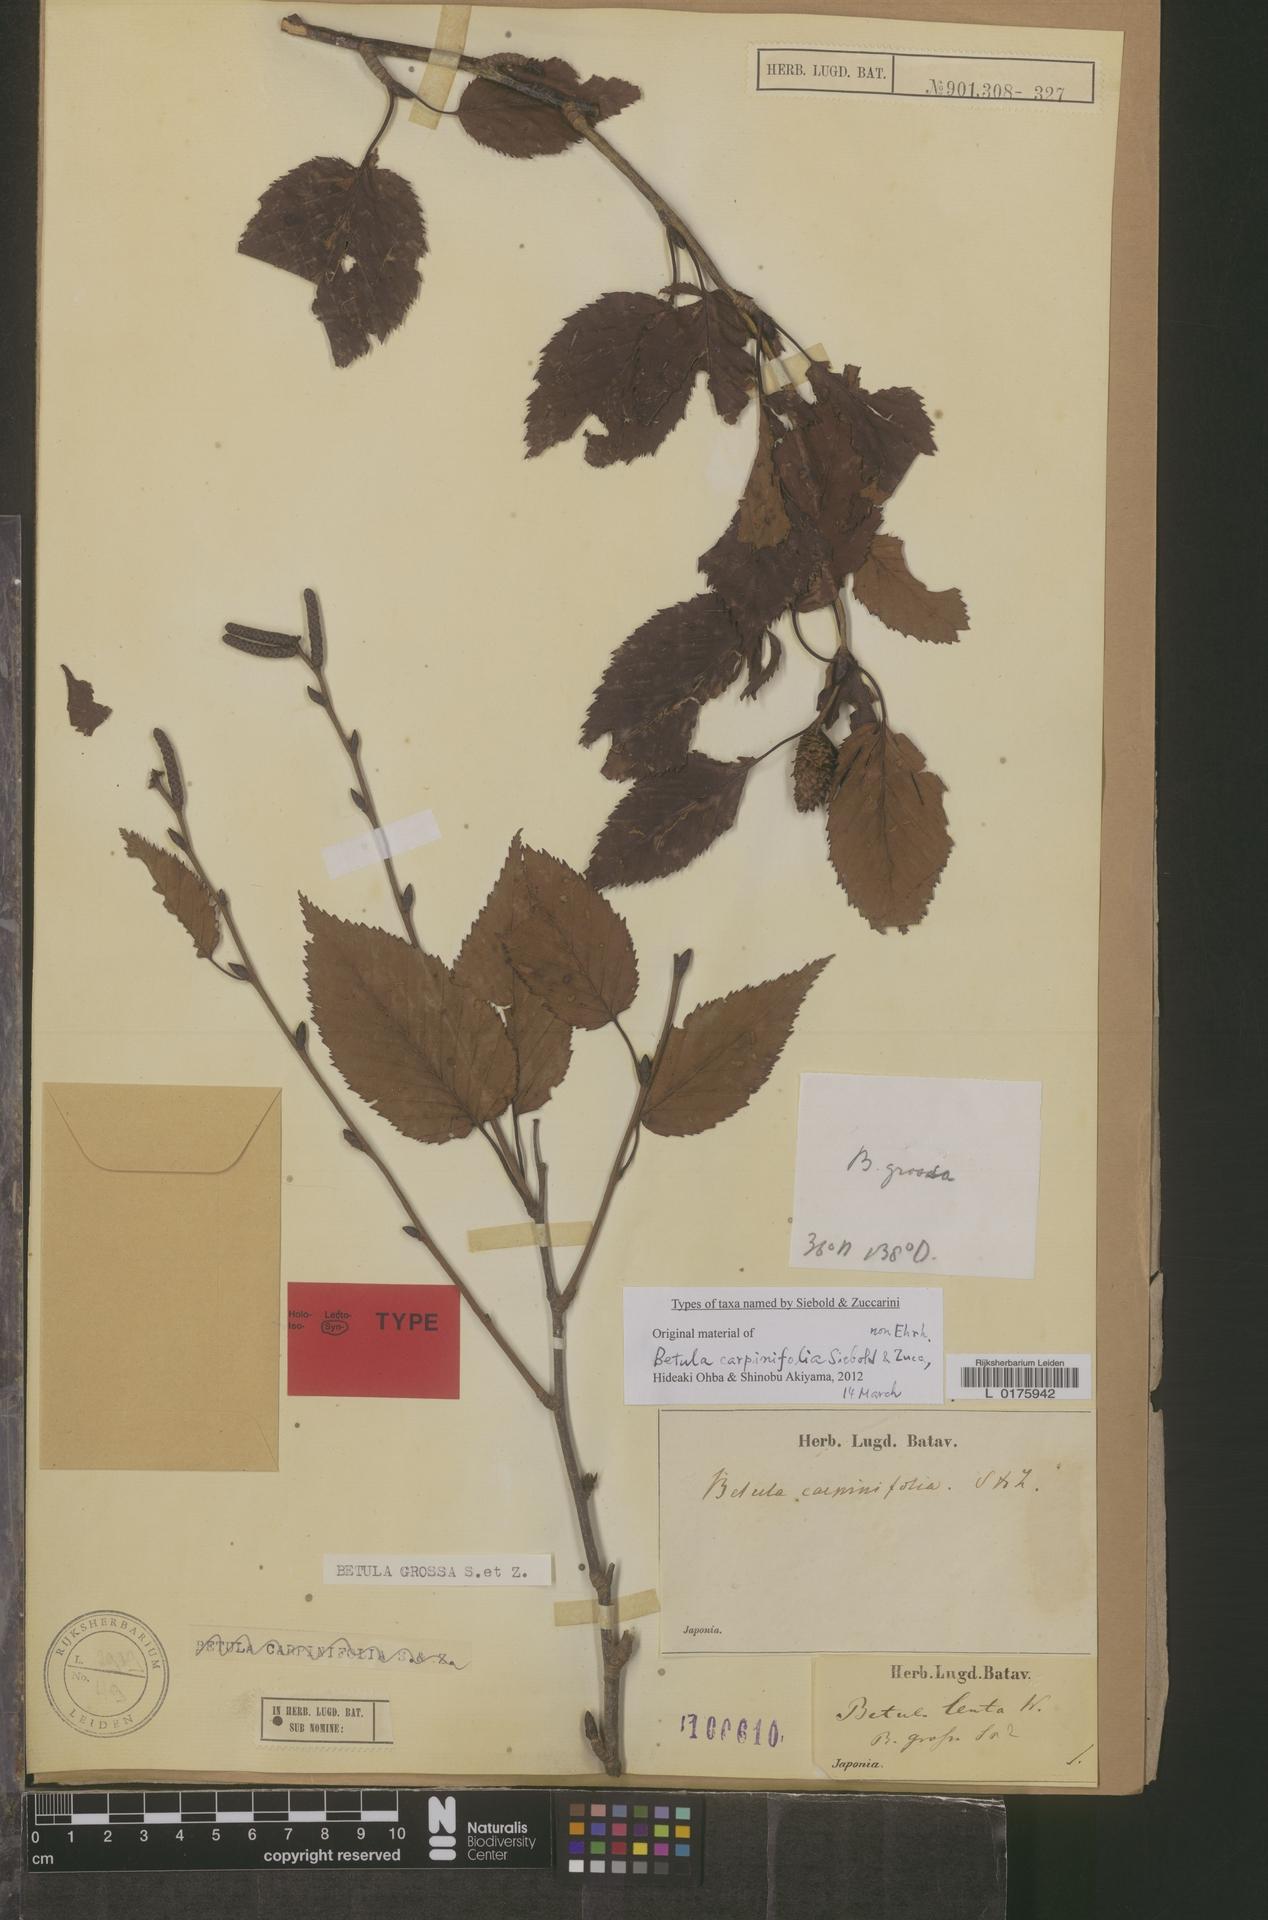 L  0175942 | Betula grossa Siebold & Zucc.